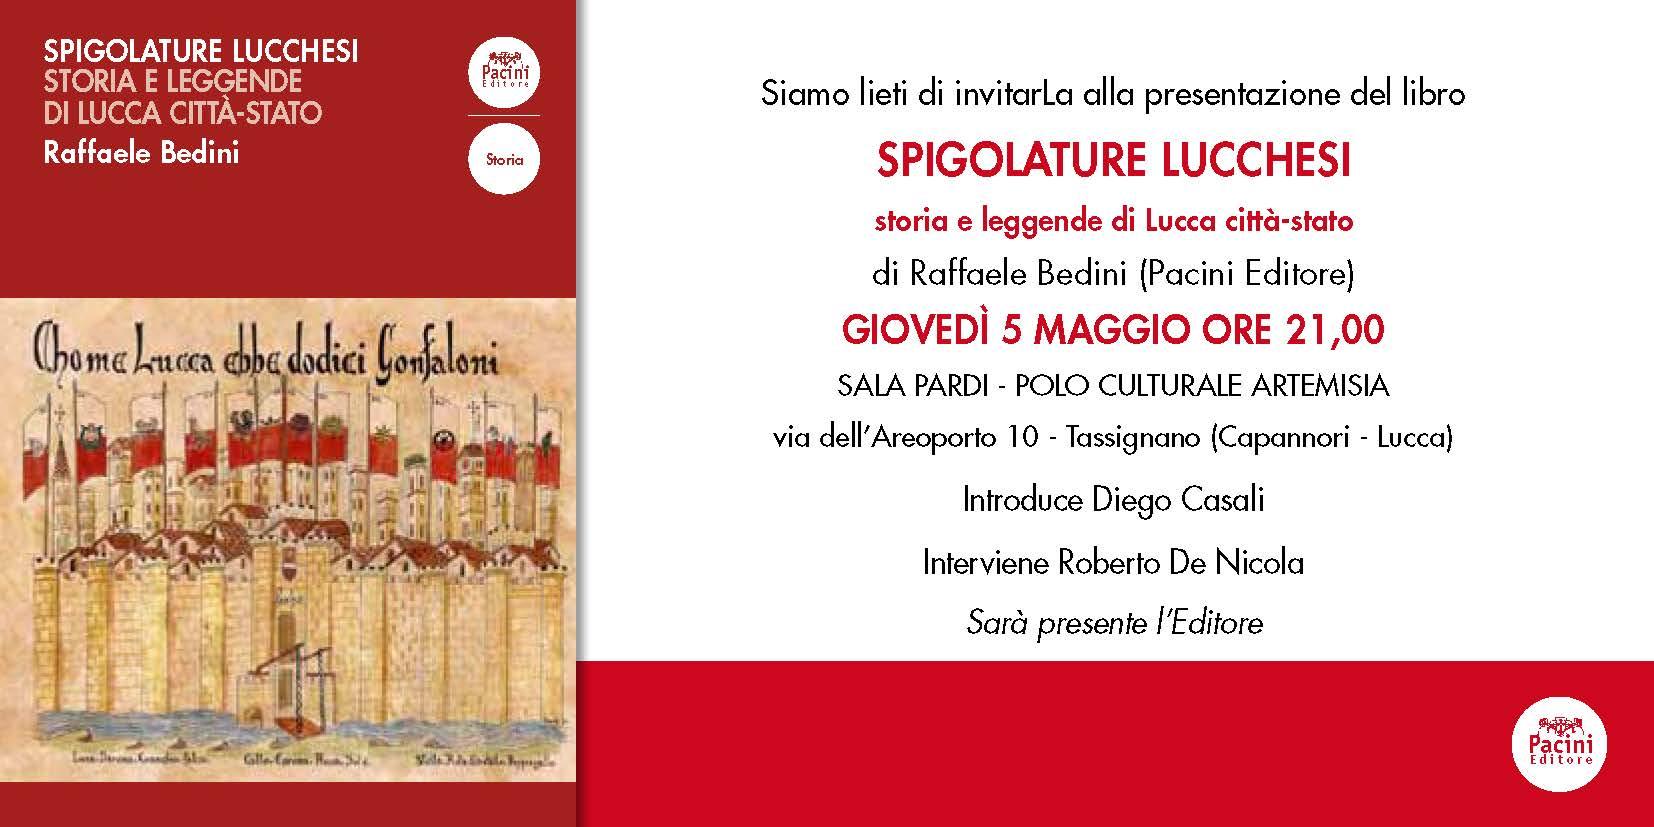 invito_spigolature